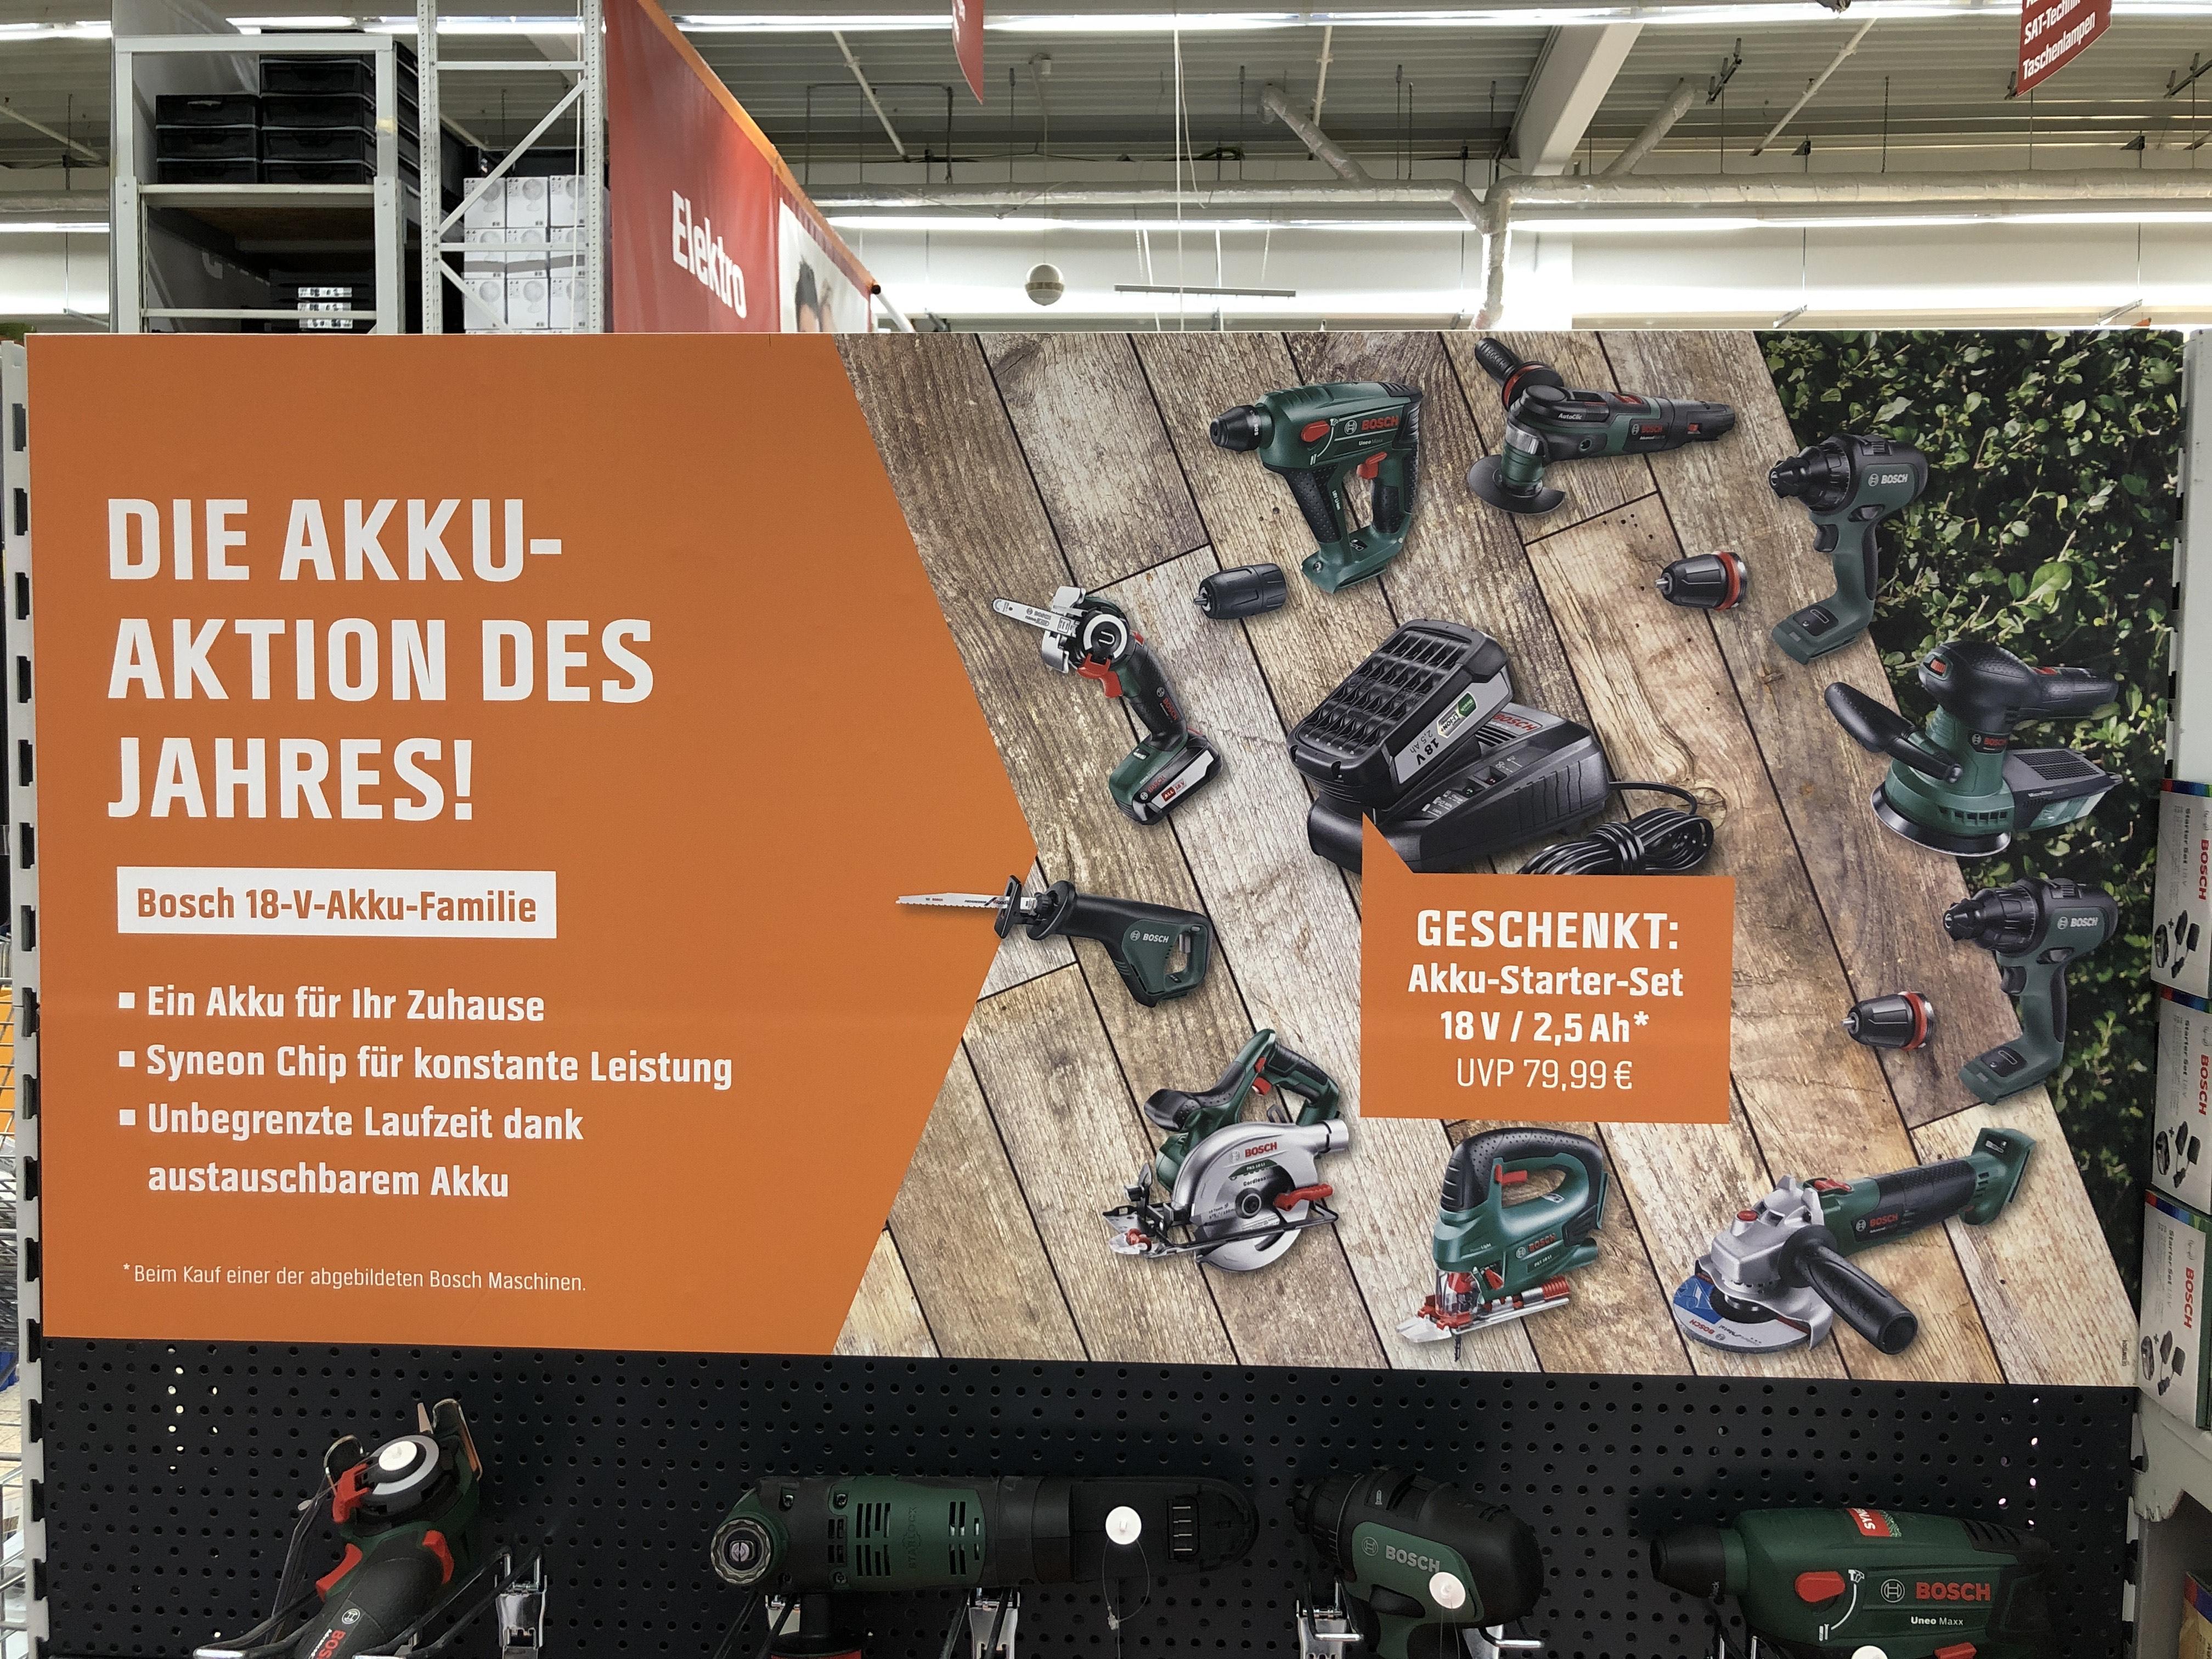 [OBI] Akku-Aktion für Werkzeuge von Bosch grün - 2,5Ah-Akku kostenlos zu jeden Gerät